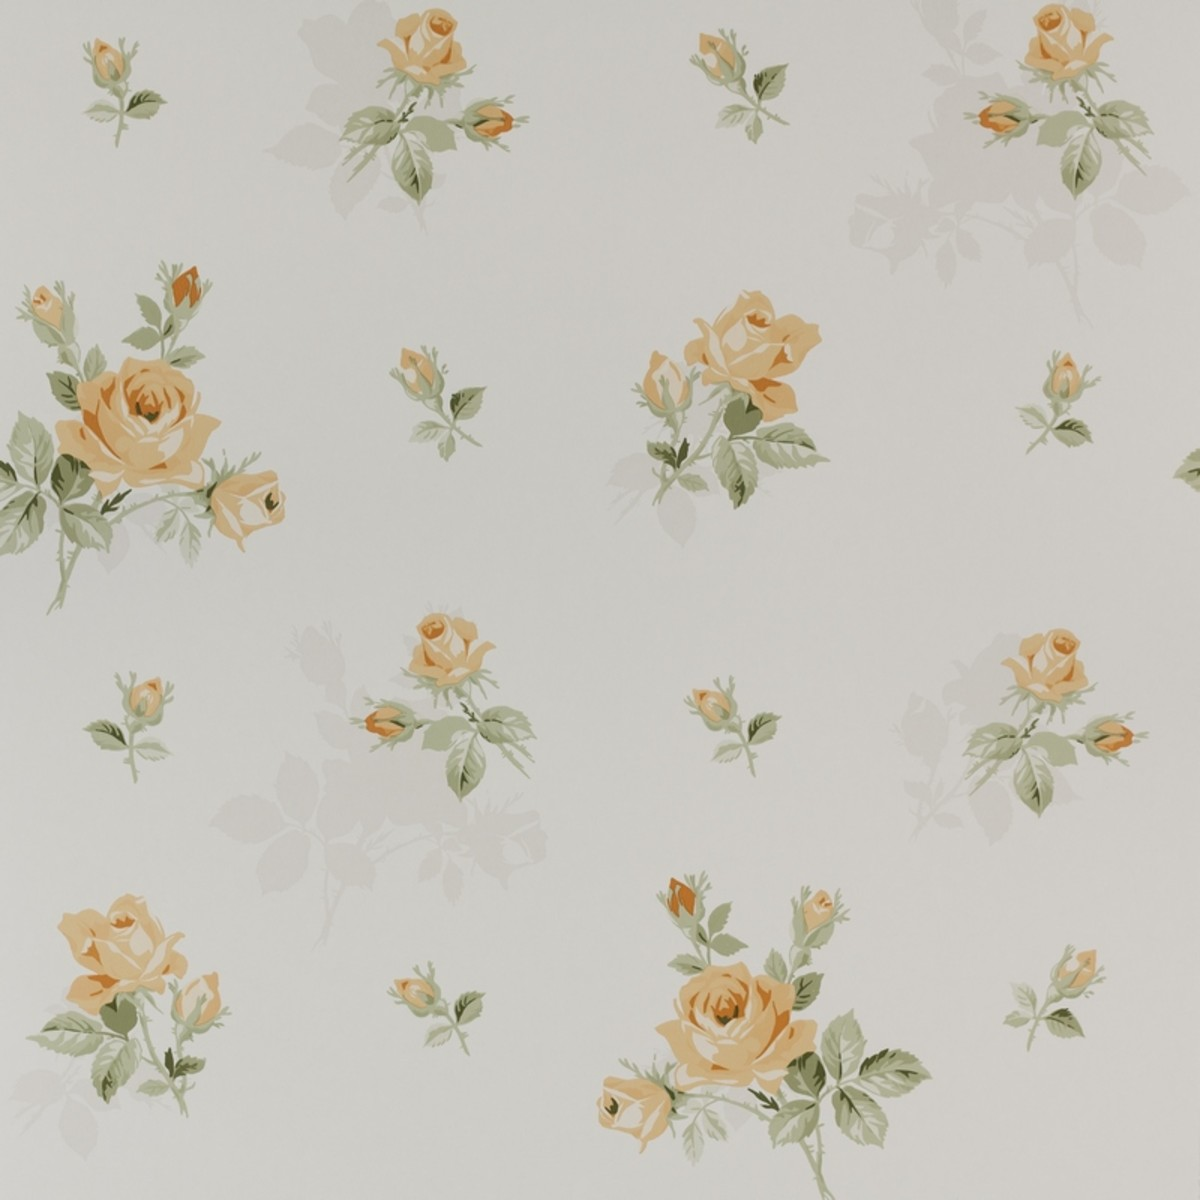 Обои акриловые Collection For Walls Classic I серые 0.53 м 201302